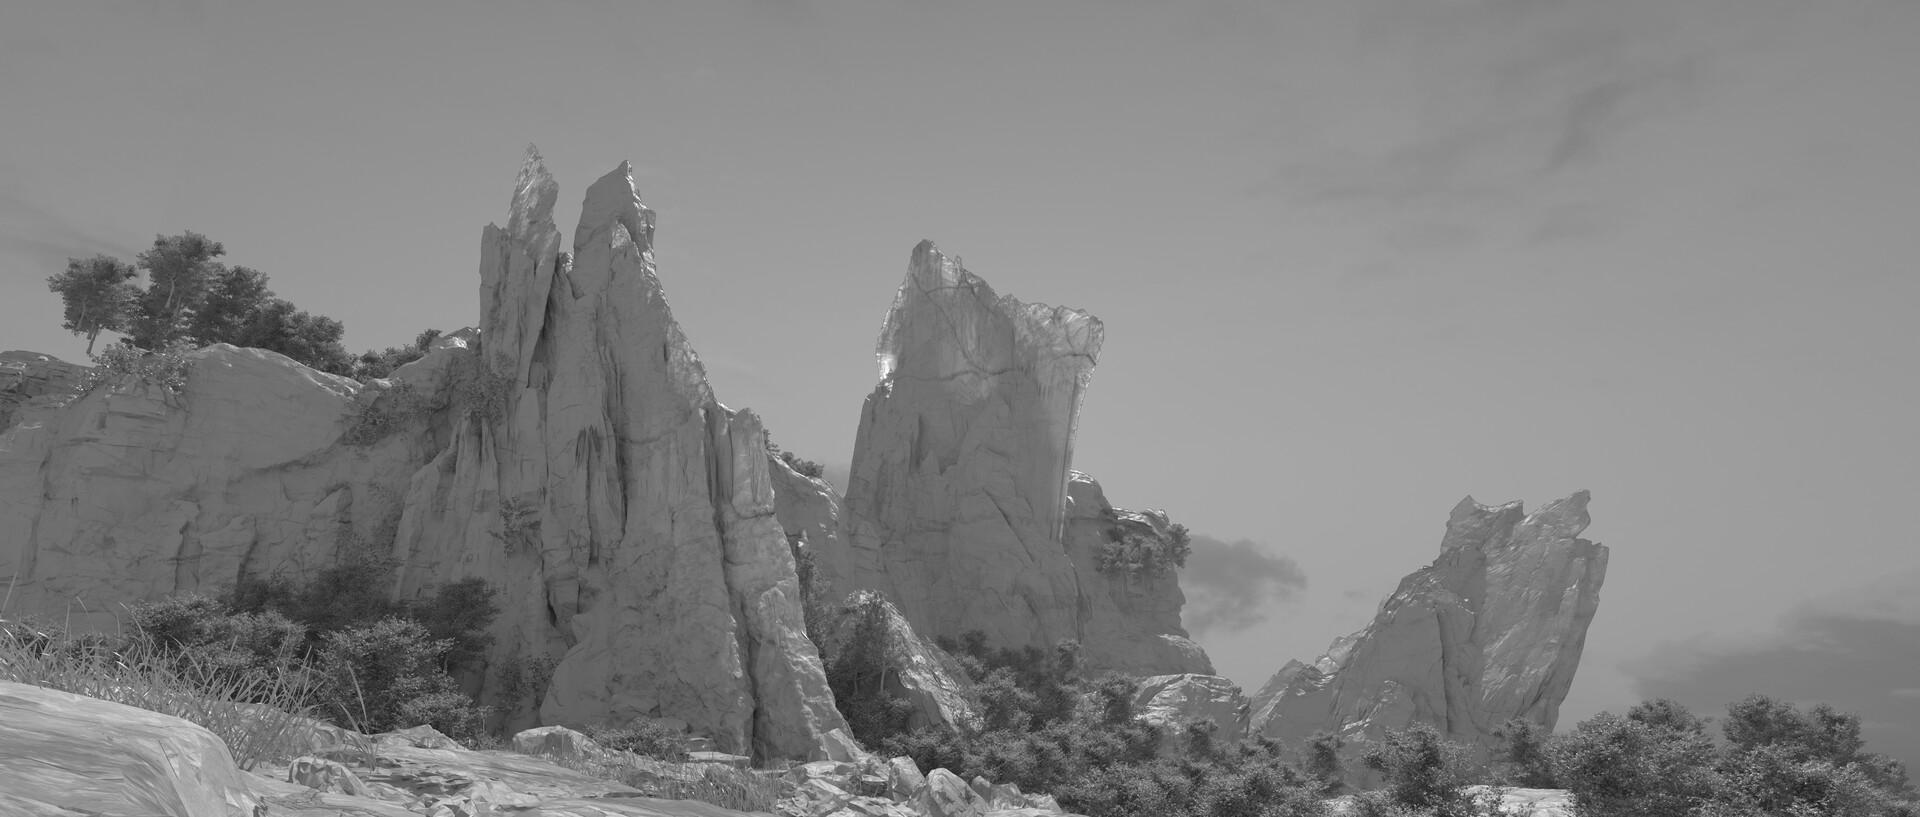 Pablo dominguez mountains2